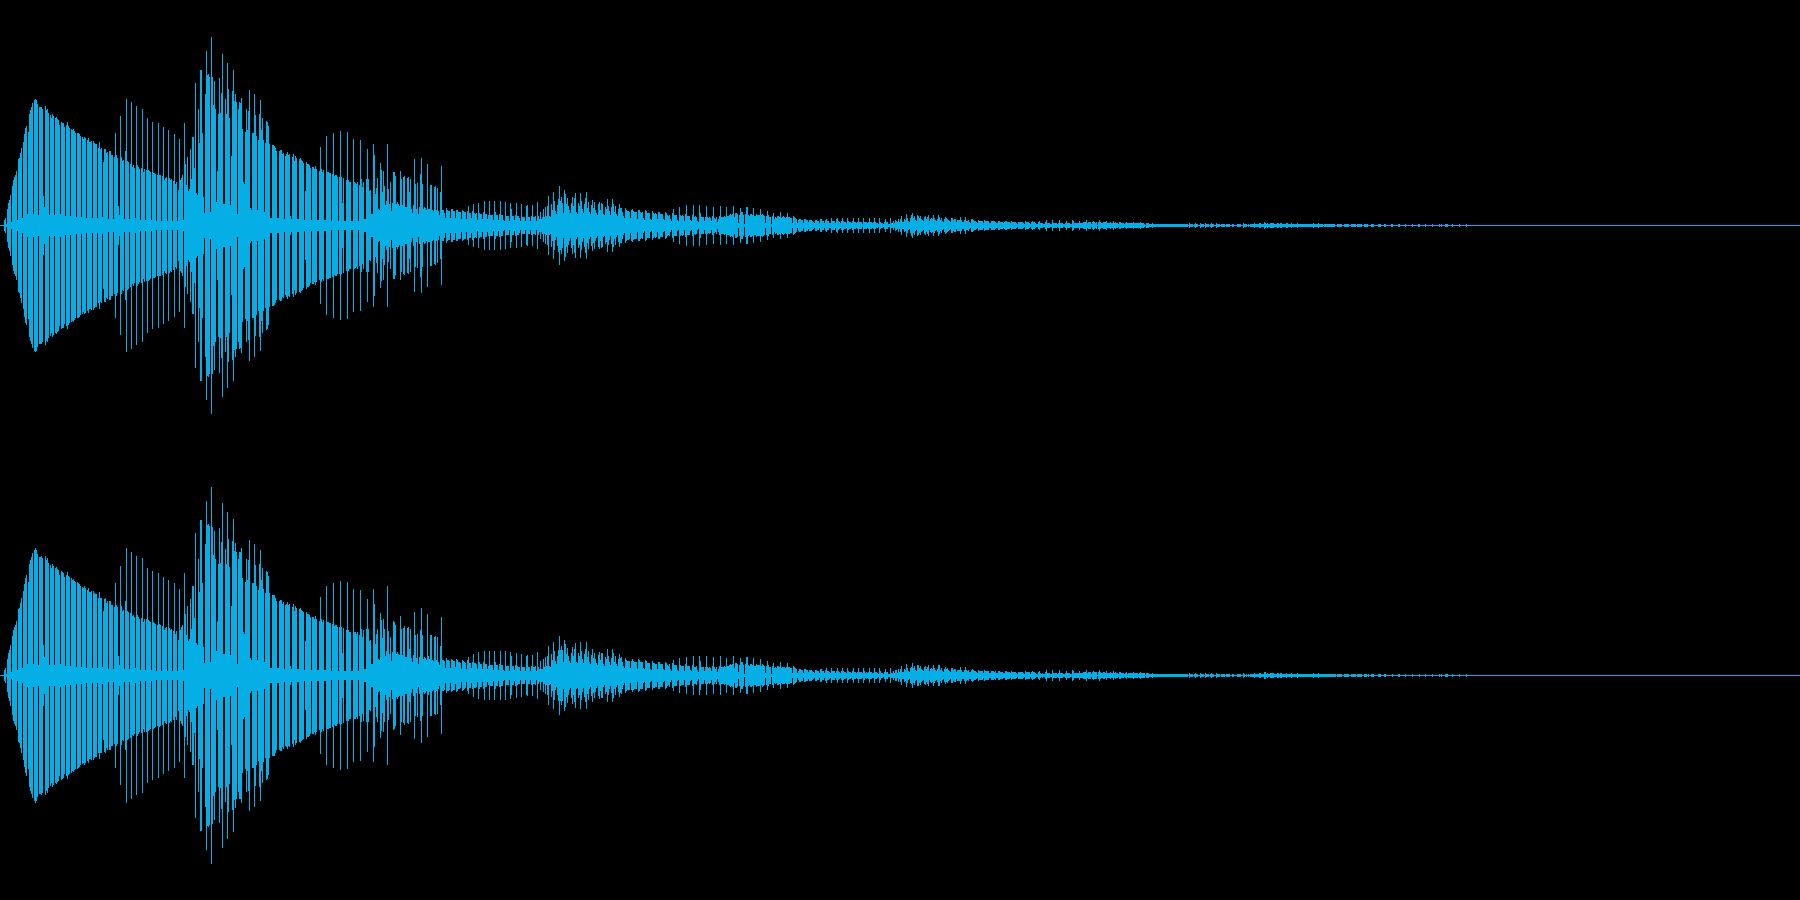 エラー表示が出た時の効果音の再生済みの波形